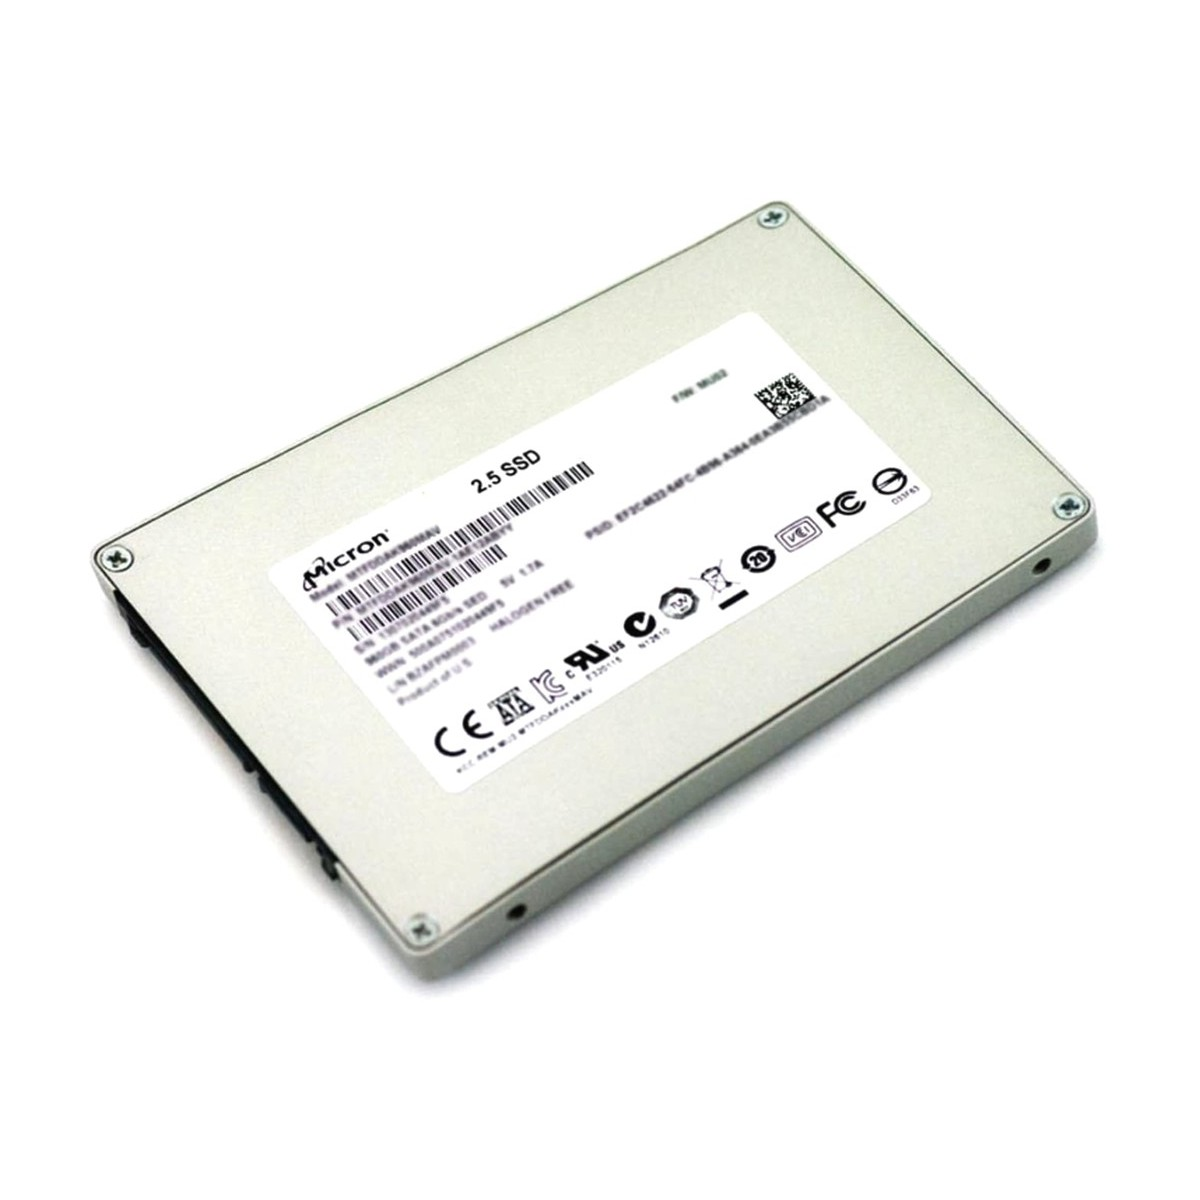 DYSK HP HITACHI 1TB 7.2K SATA3 6G 3,5'' 647467-001